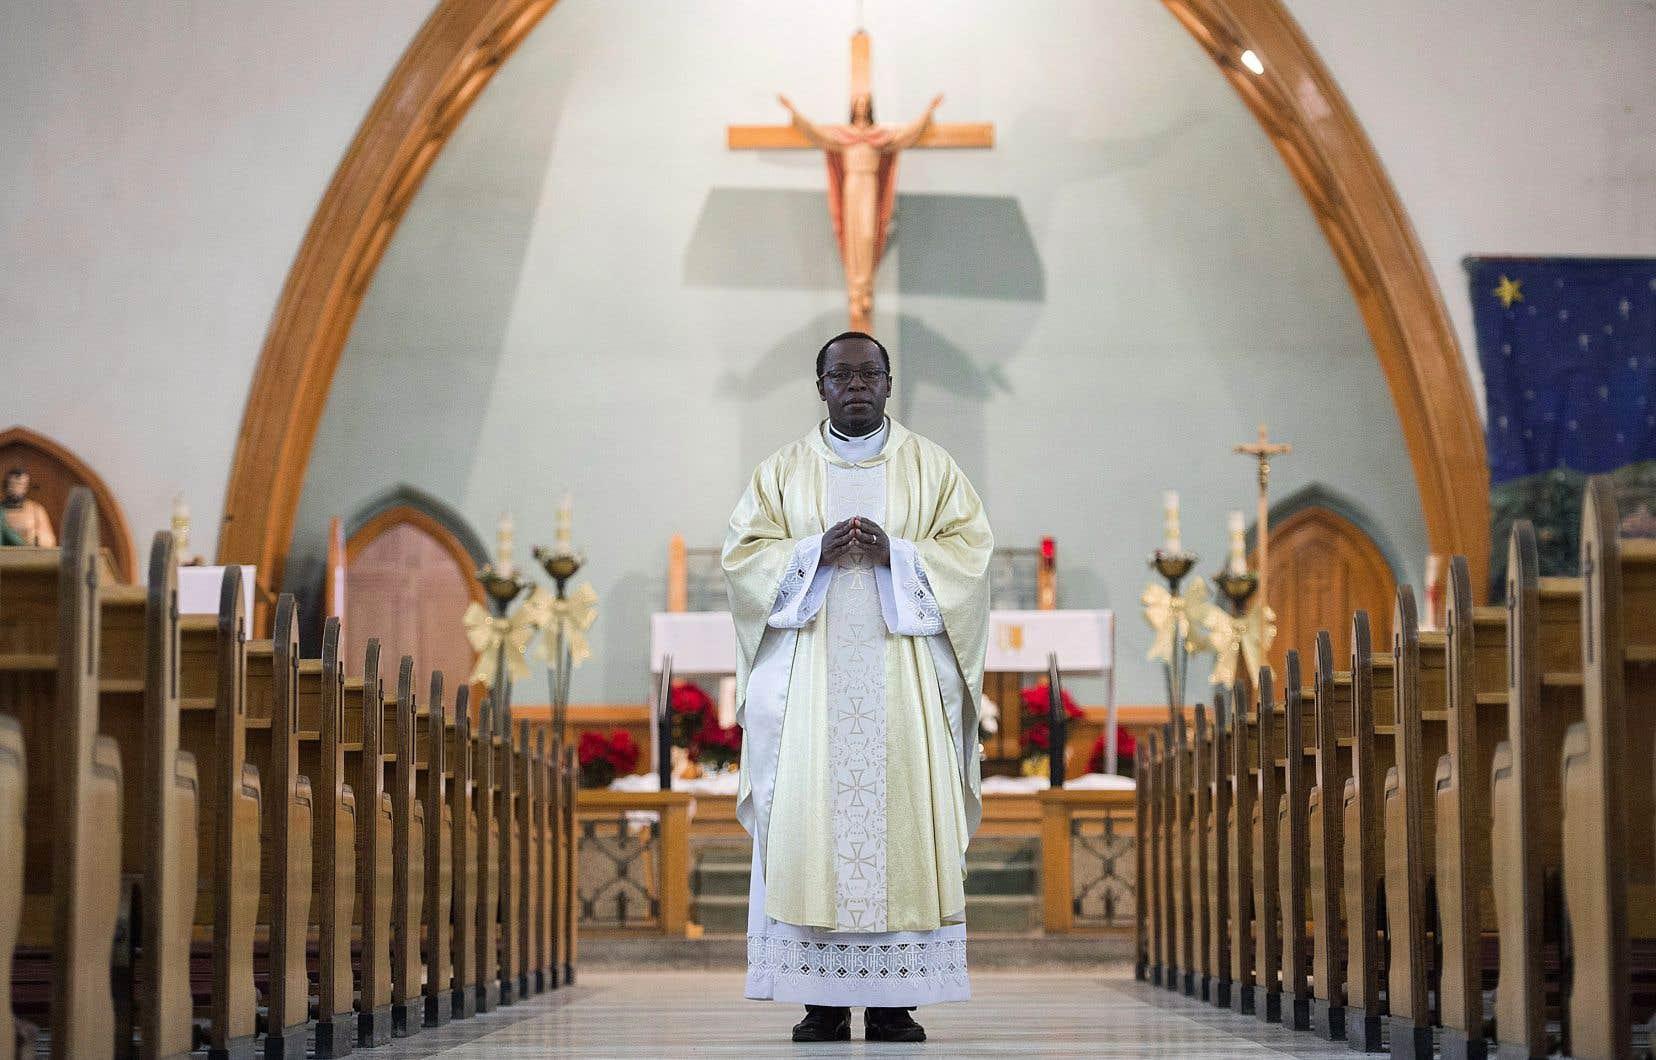 Le pèreGauthier Elleme dans l'église Saint-Paul de Saint-Jérôme.